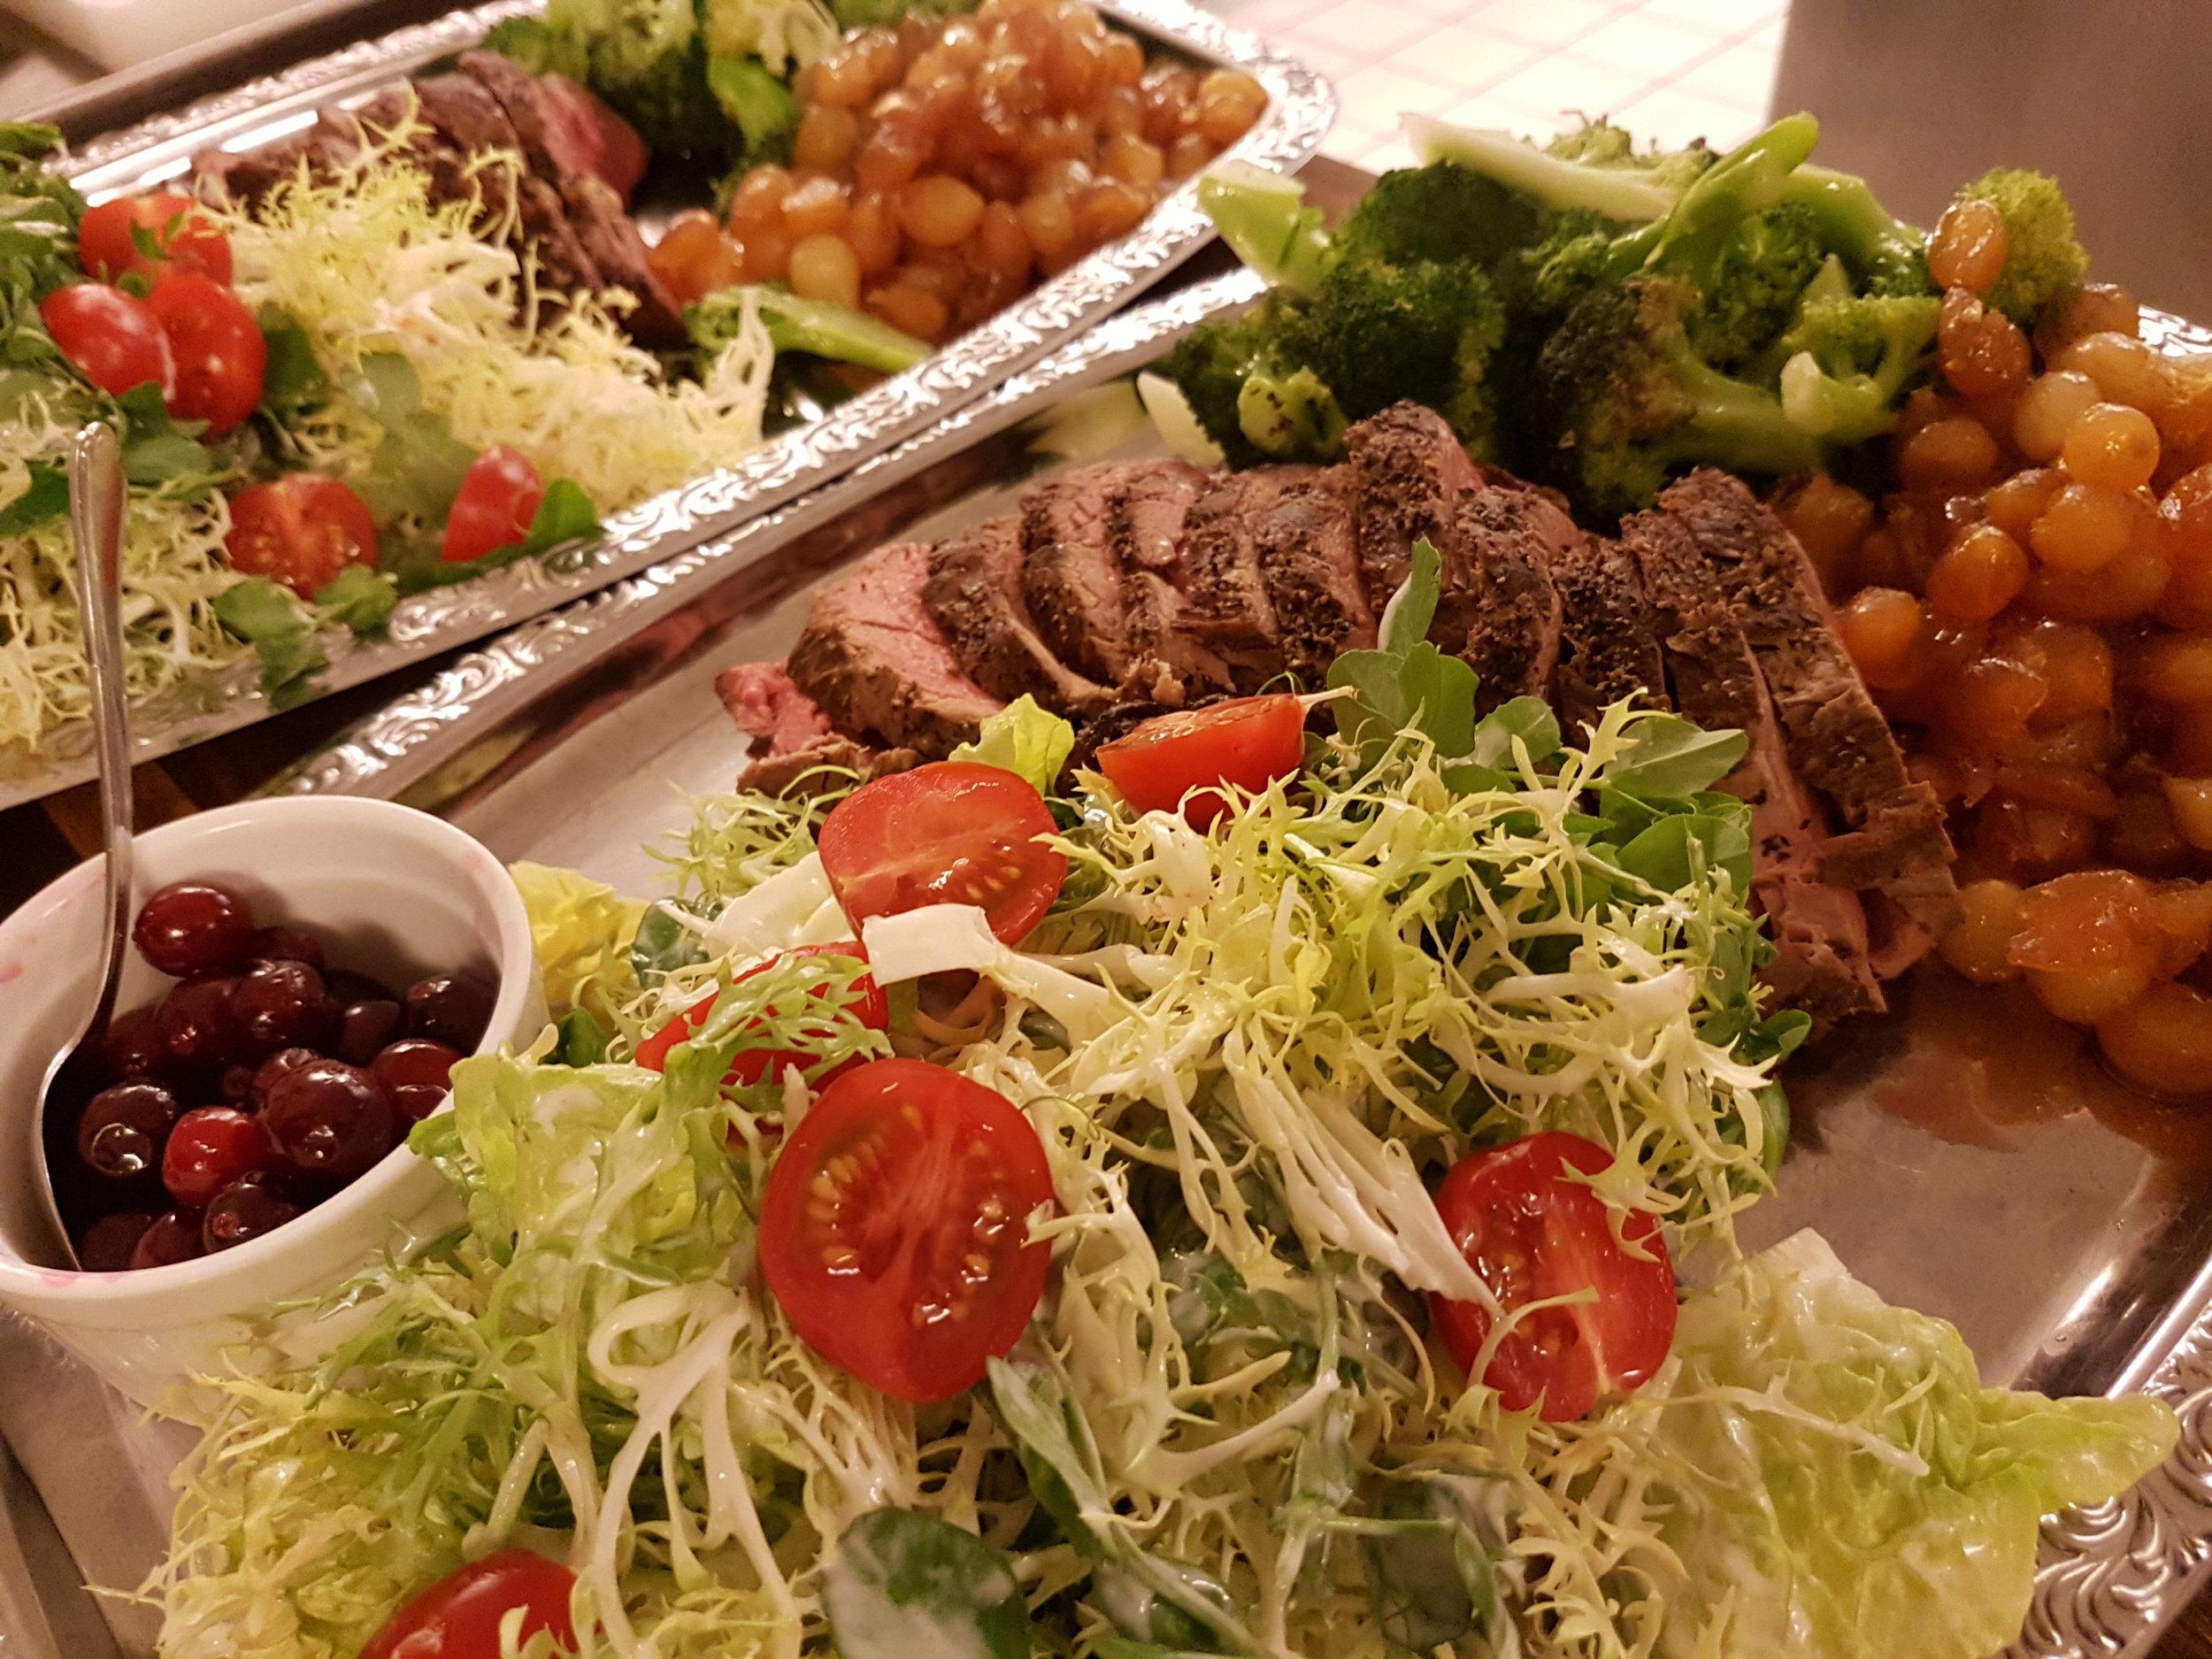 Aftensmad - På Højgaarden gør vi os ikke i A'la Carte - til gengæld laver vi skøn og uformel mad med de råvarer vi har til rådighed. Når I bor hos os, fortæller I os om I spiser med til aften og så finder vi på noget lækkert til Jer. Hvis I ikke er boende gæster er I også altid velkommen til at spise med når vi har gang i køkkenet - bare ring i forvejen så finder vi ud af det. Prisen for maden er oftest mellem 200-400,00 kr. pr. pers.